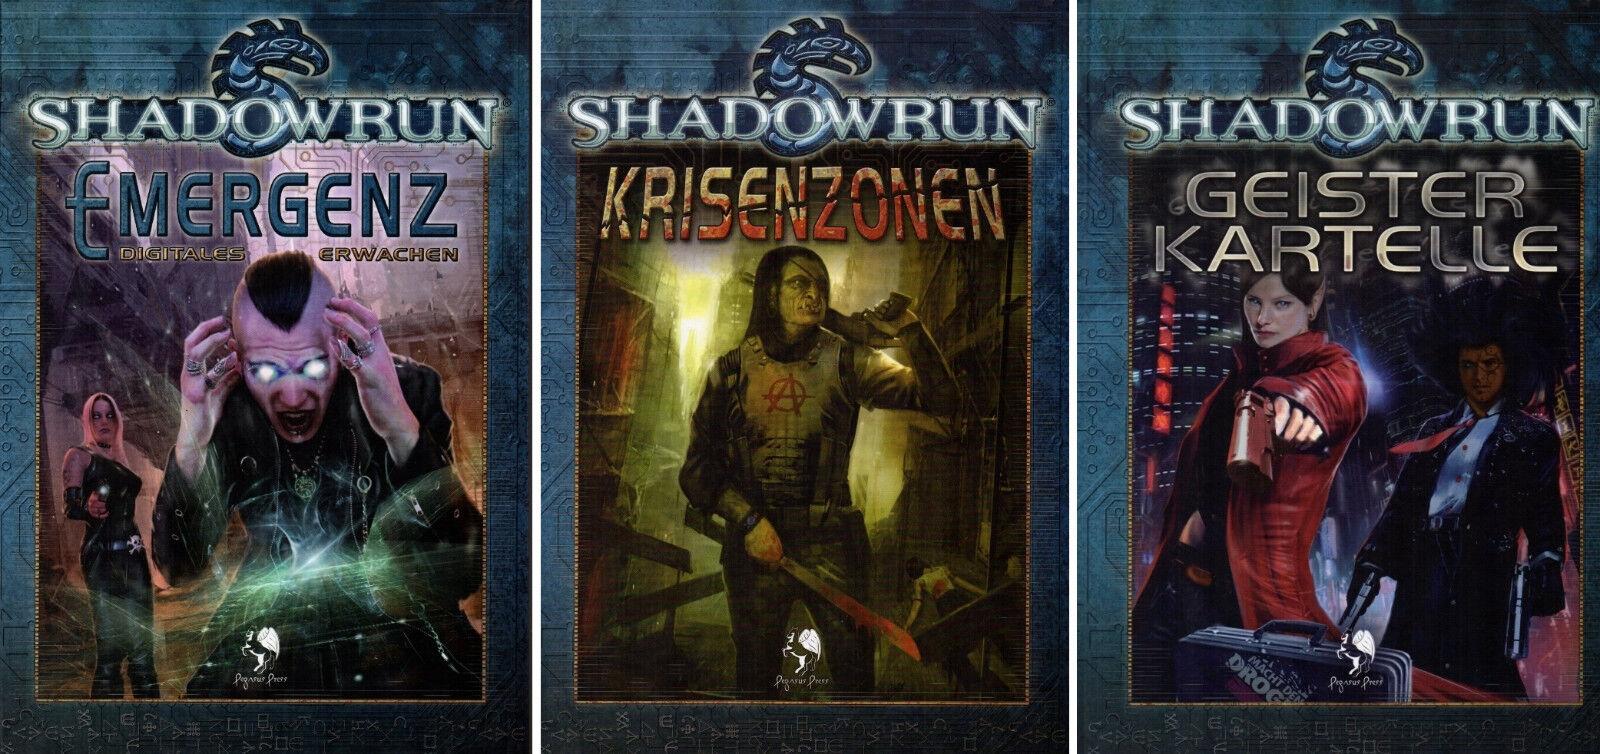 Bundle 3 x Shadowrun-KRISENZONEN-EMERGENZ DIGITALES ERWACHEN-GEISTERKARTELLE-neu